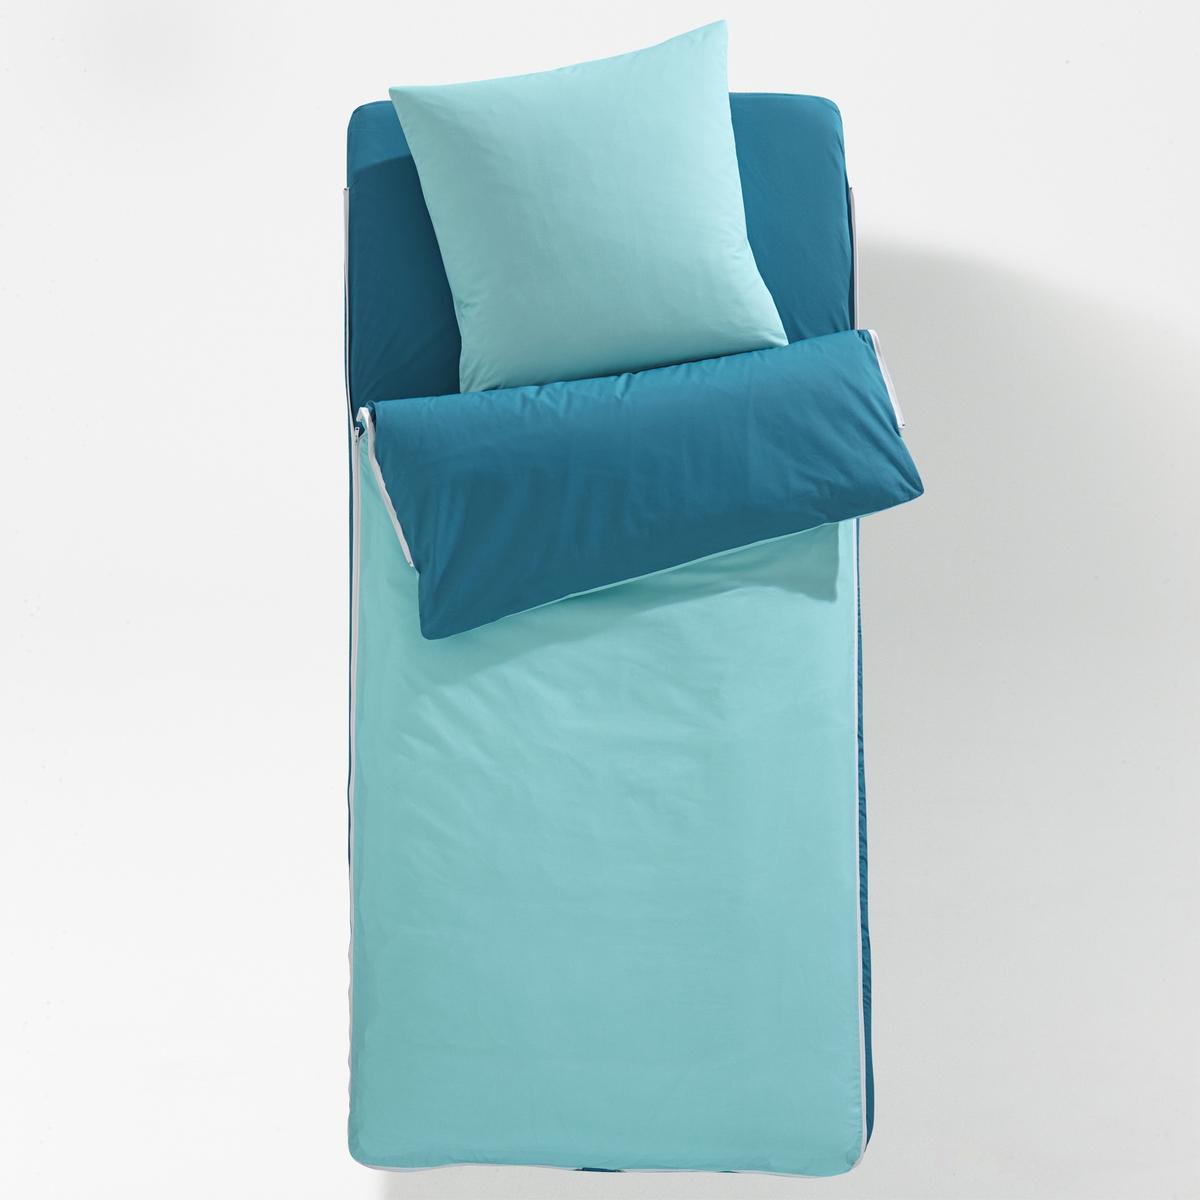 Комплект без чехла готов ко сну двухцветныйoris)Характеристики комплекта готов ко сну :В комплекте : 1 пододеяльник +1 съемное одеяло + 1 натяжная простыня + 1 квадратная наволочка  .Состав постельного комплекта  :100% хлопок с плотным переплетением нитей 57 нитей/см?   : чем больше нитей/см?, тем выше качество материала. Одеяло, 100% полиэстер (300 г/м?).Машинная стирка при 60 °СКомплекты постельные различных расцветок и с различными рисунками ищите на сайте laredoute.ruРазмеры :90 x 140 см : раскладная кровать 90 x 190 см : 1-сп.<br><br>Цвет: розовый,синий<br>Размер: 90 x 190  см